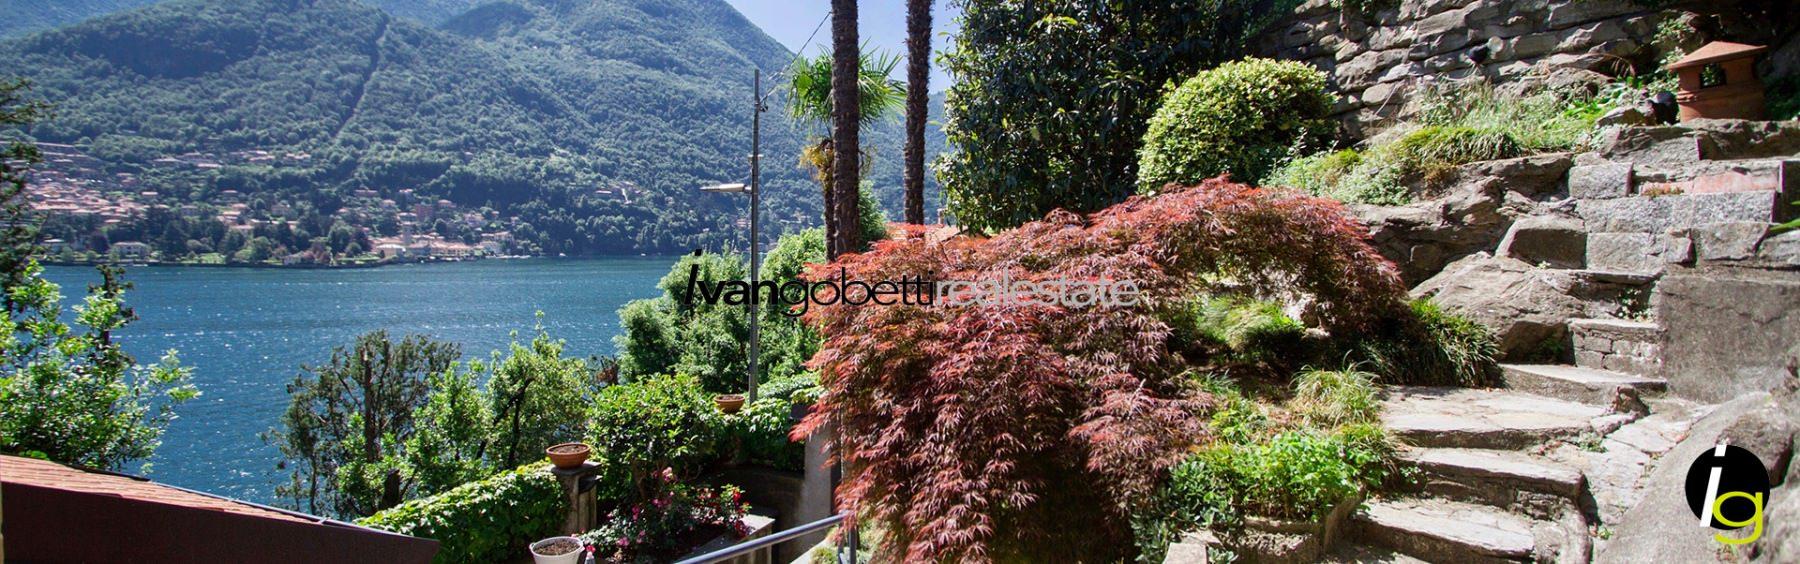 Lago di Como Moltrasio, villetta con vista lago in vendita